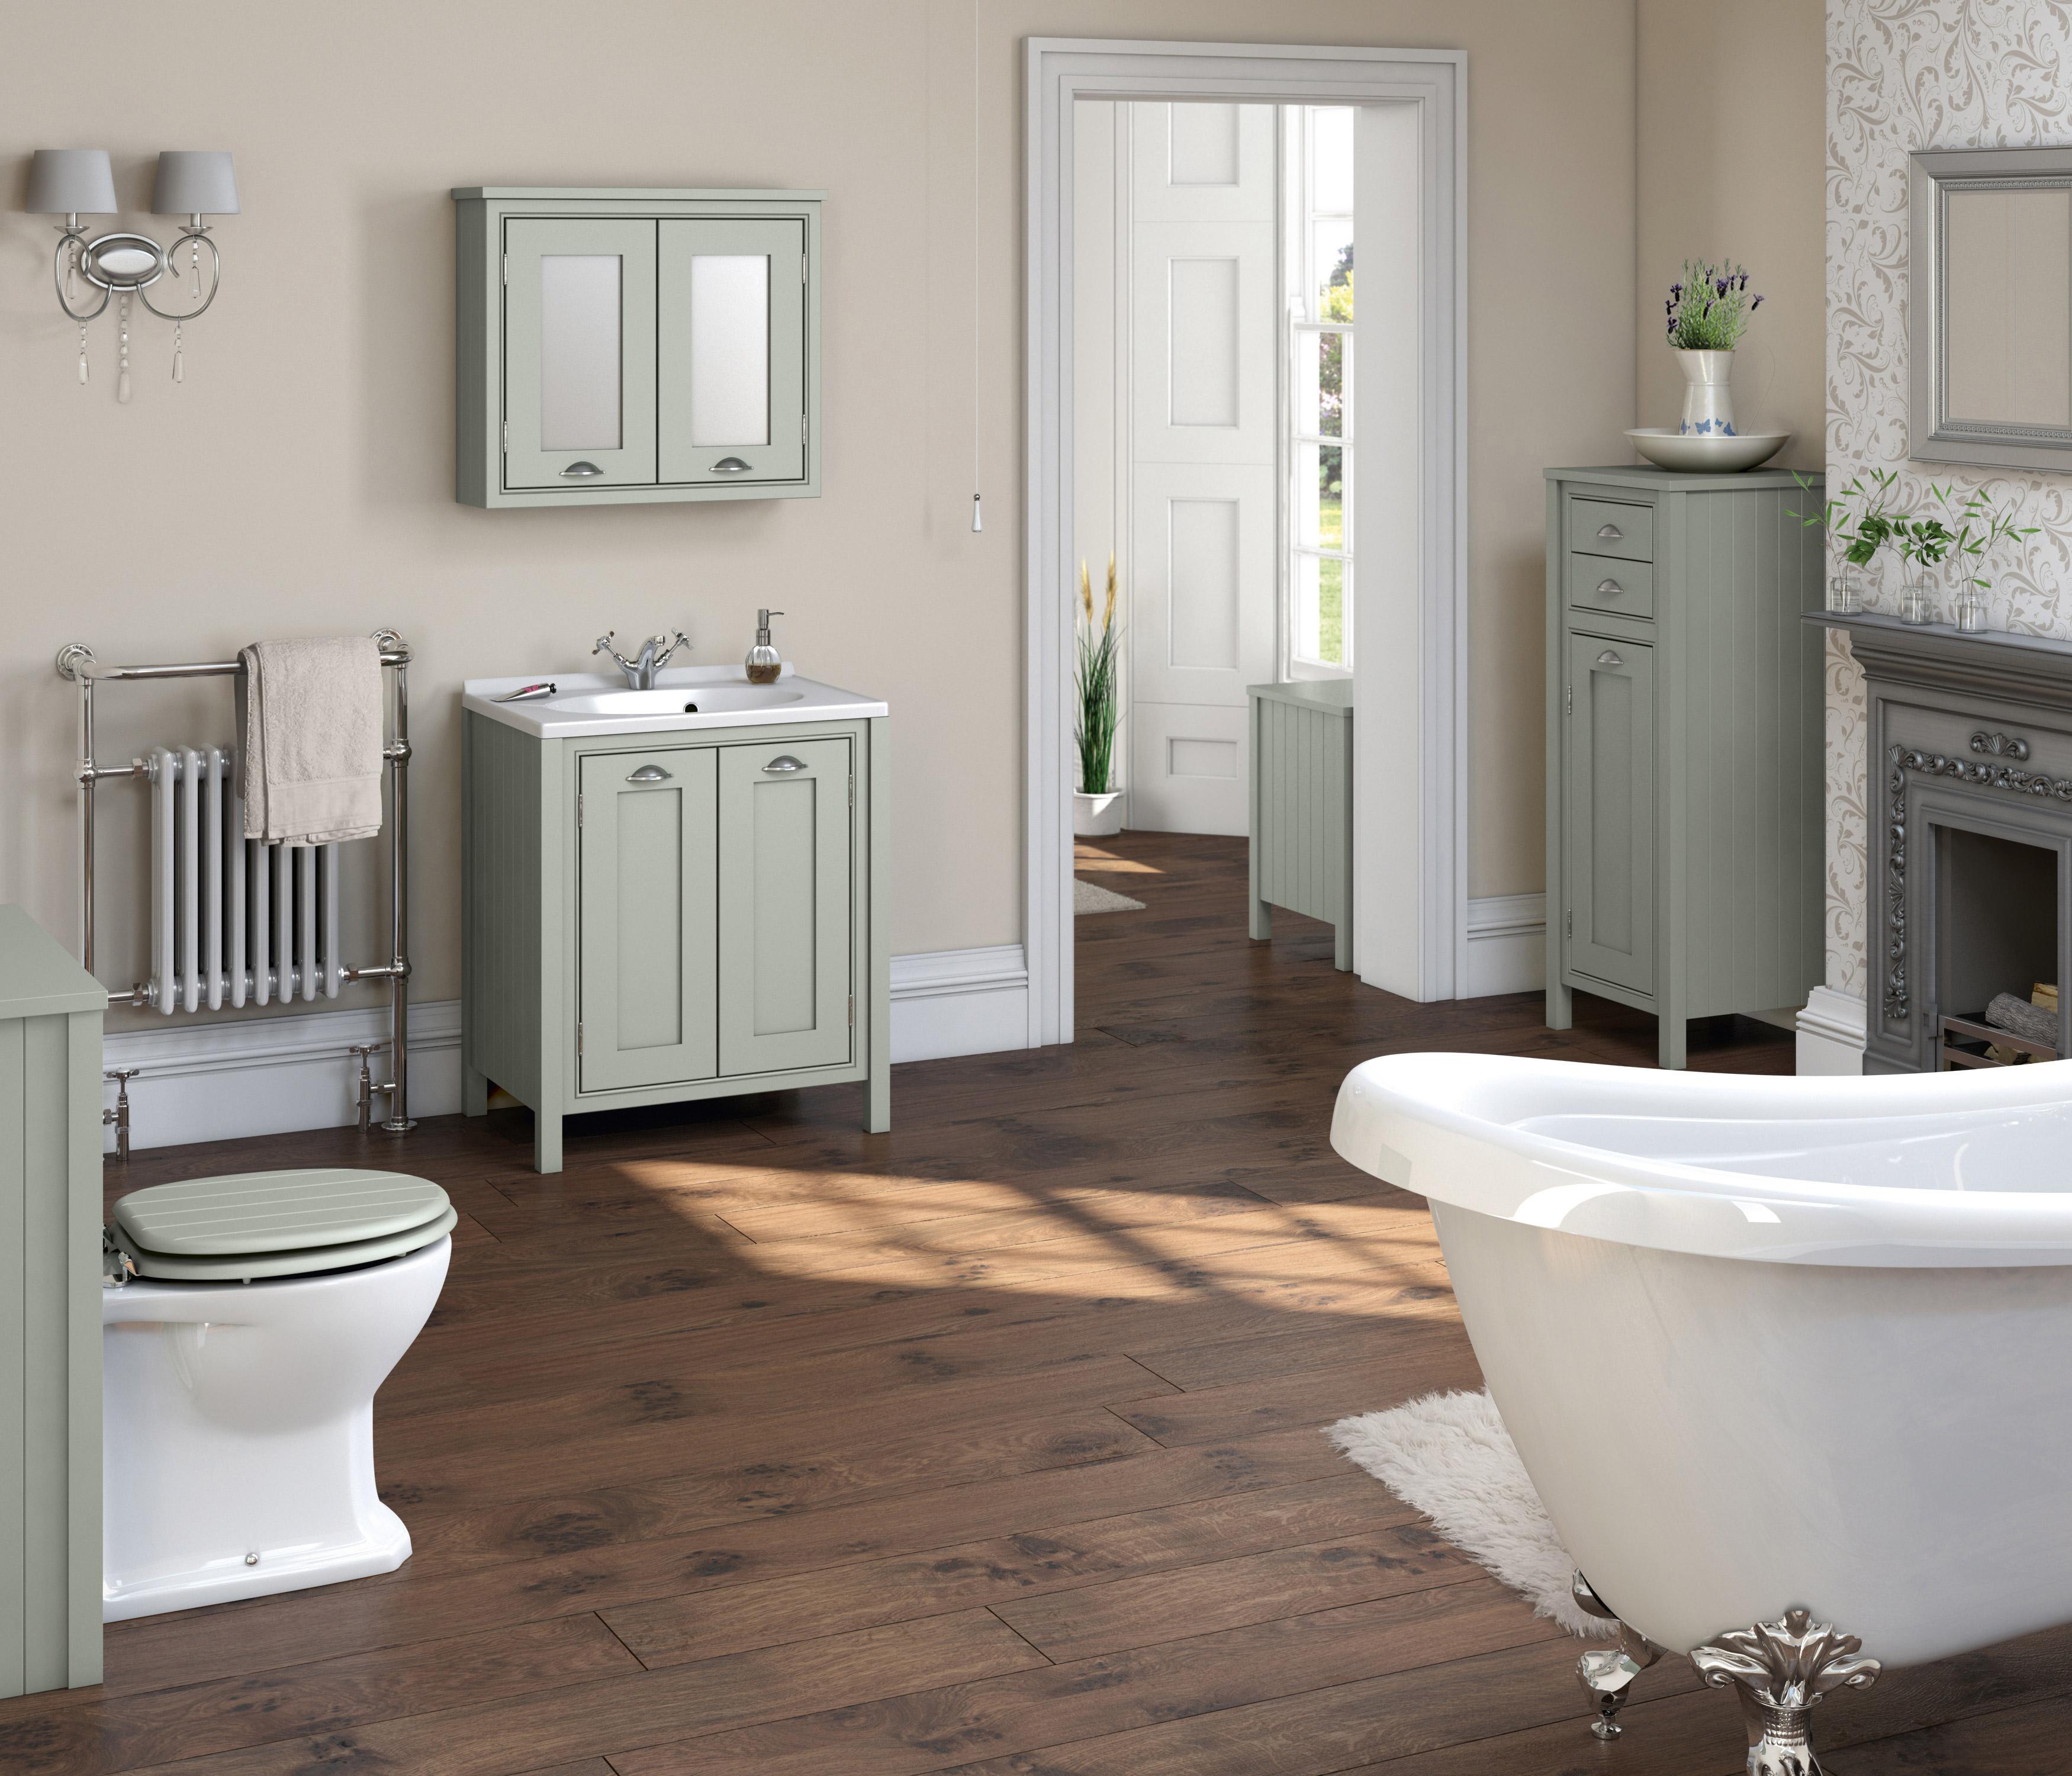 traditional-bathroom-designs-photos